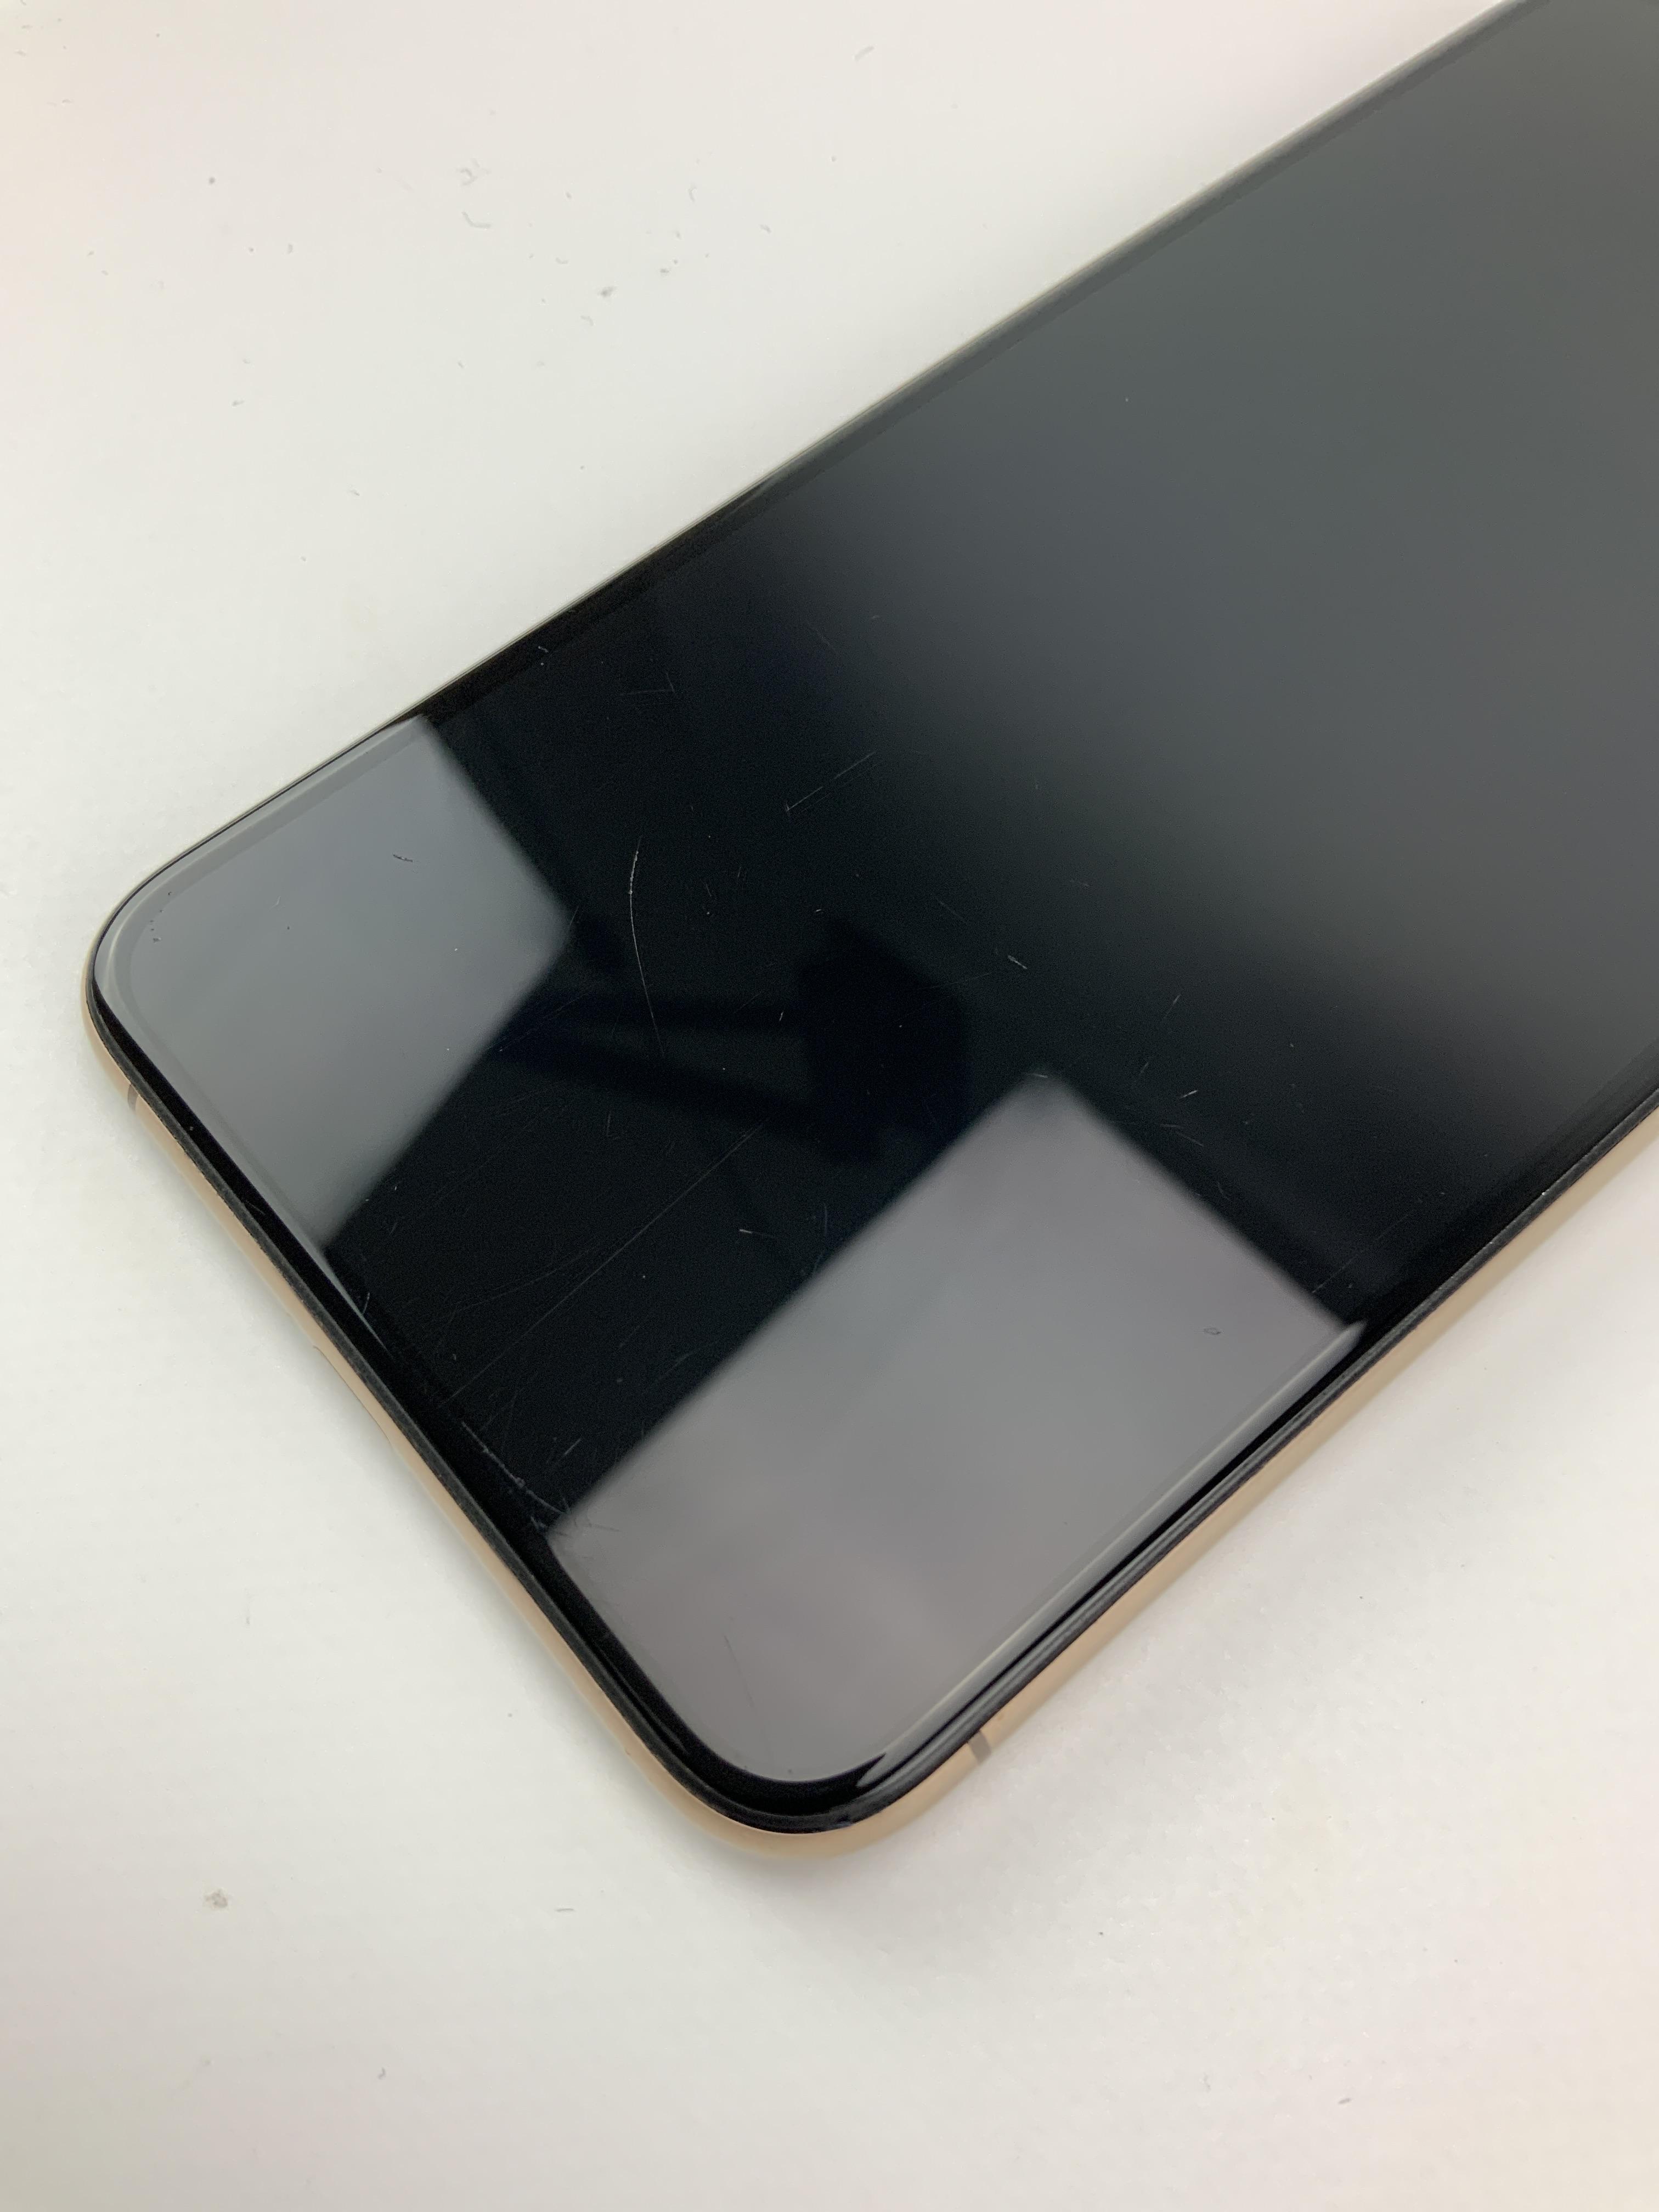 iPhone XS Max 256GB, 256GB, Gold, bild 3